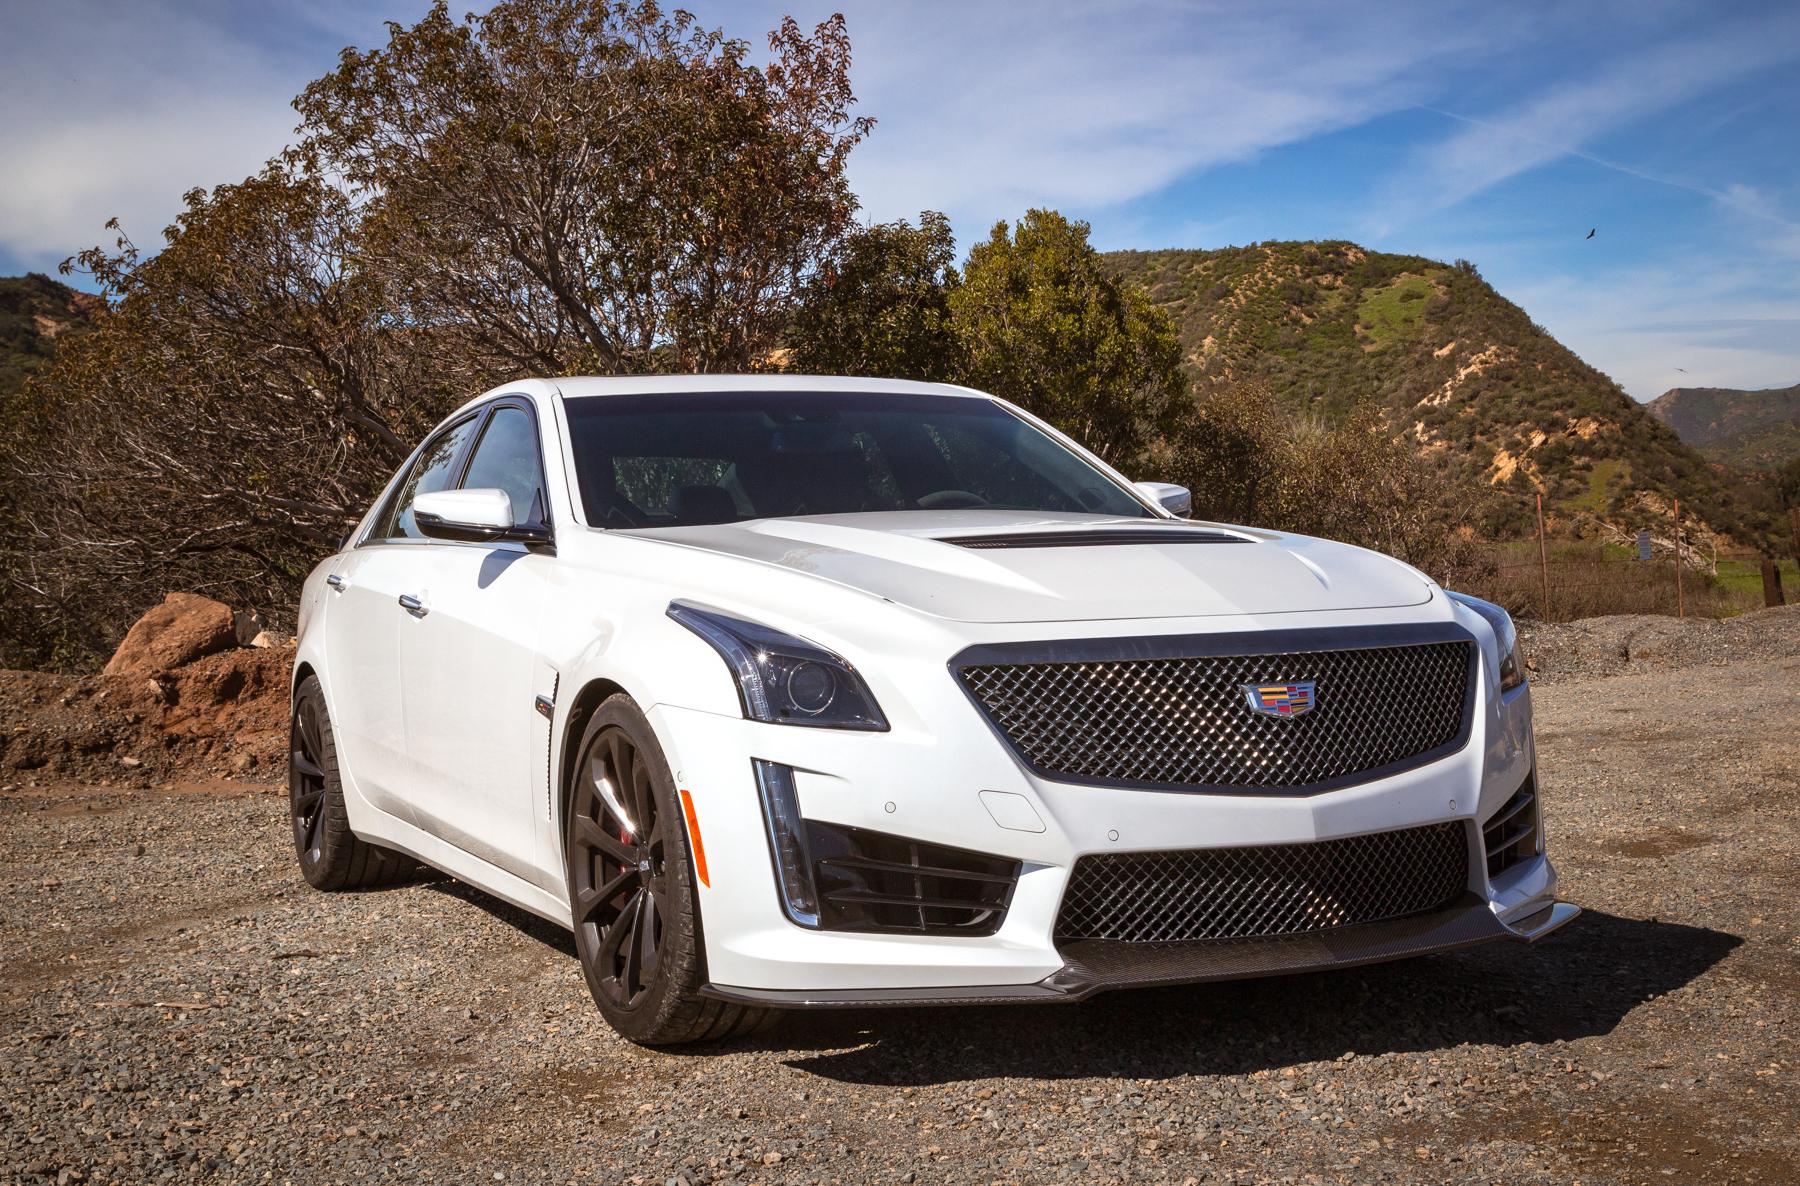 cts v engine cadillac cts v engine 2017 cadillac cts v 640 hp quarter mile autos post 2016. Black Bedroom Furniture Sets. Home Design Ideas